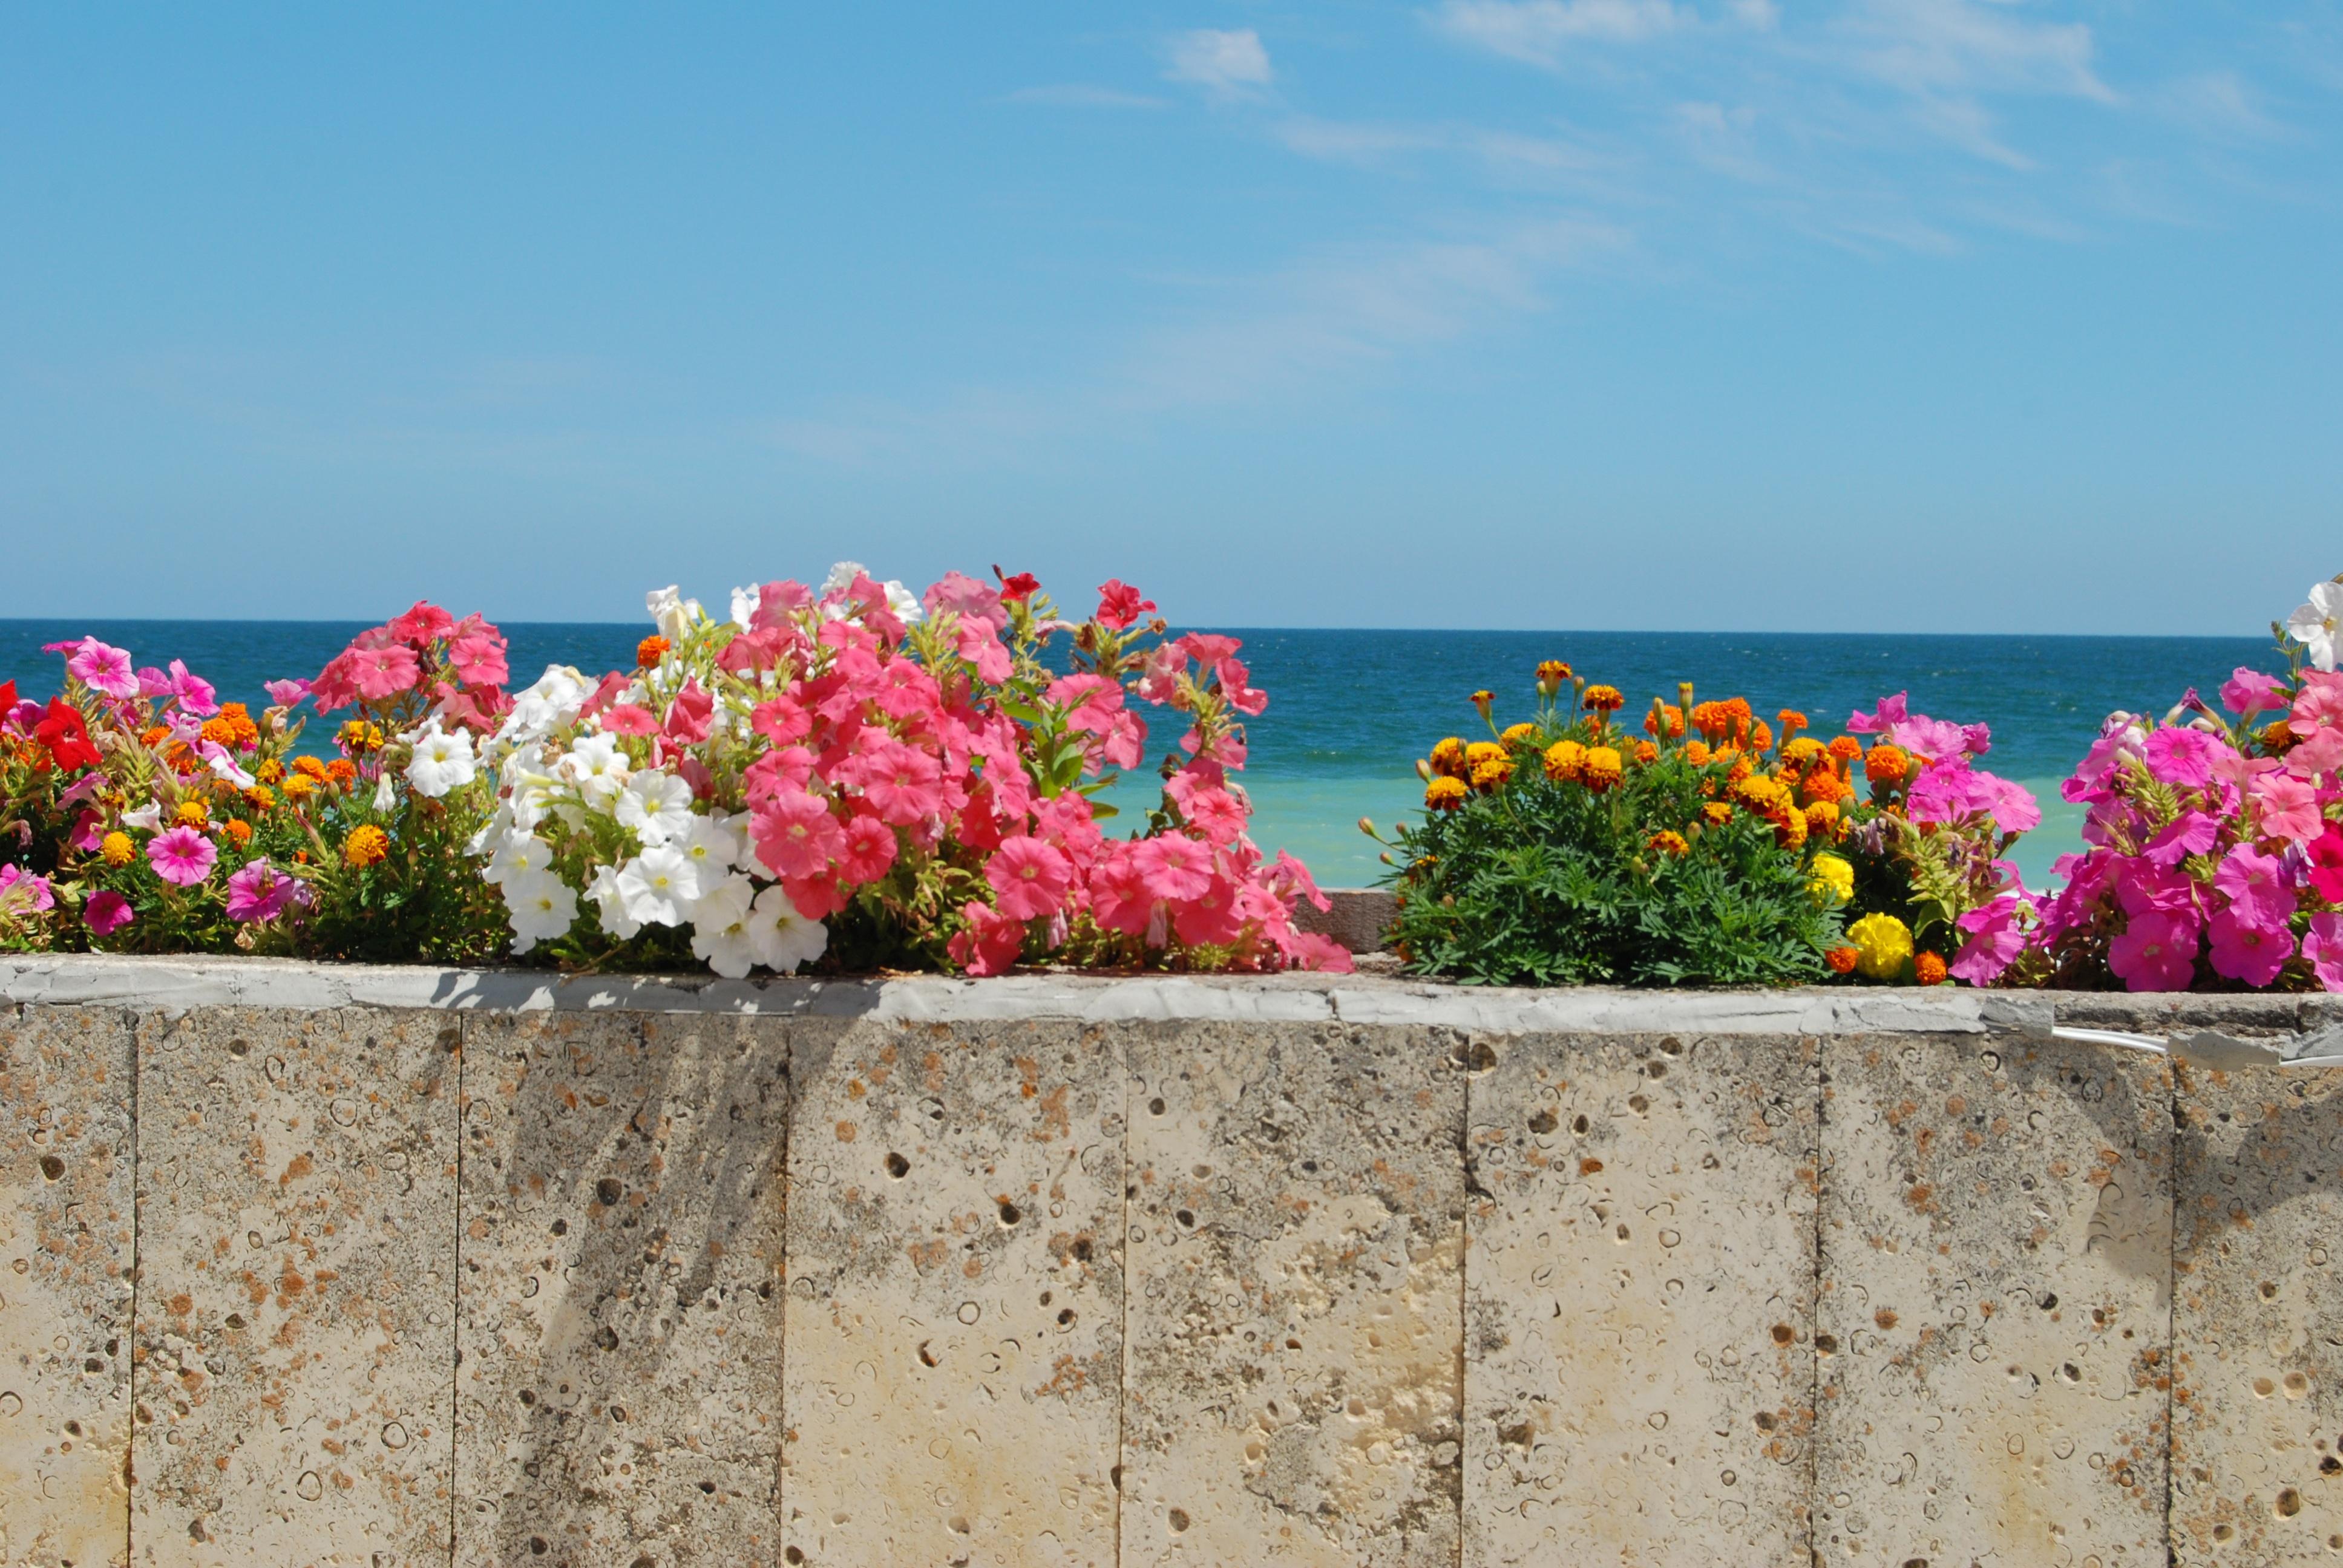 открытки цветы на берегу океана потолка пола часто